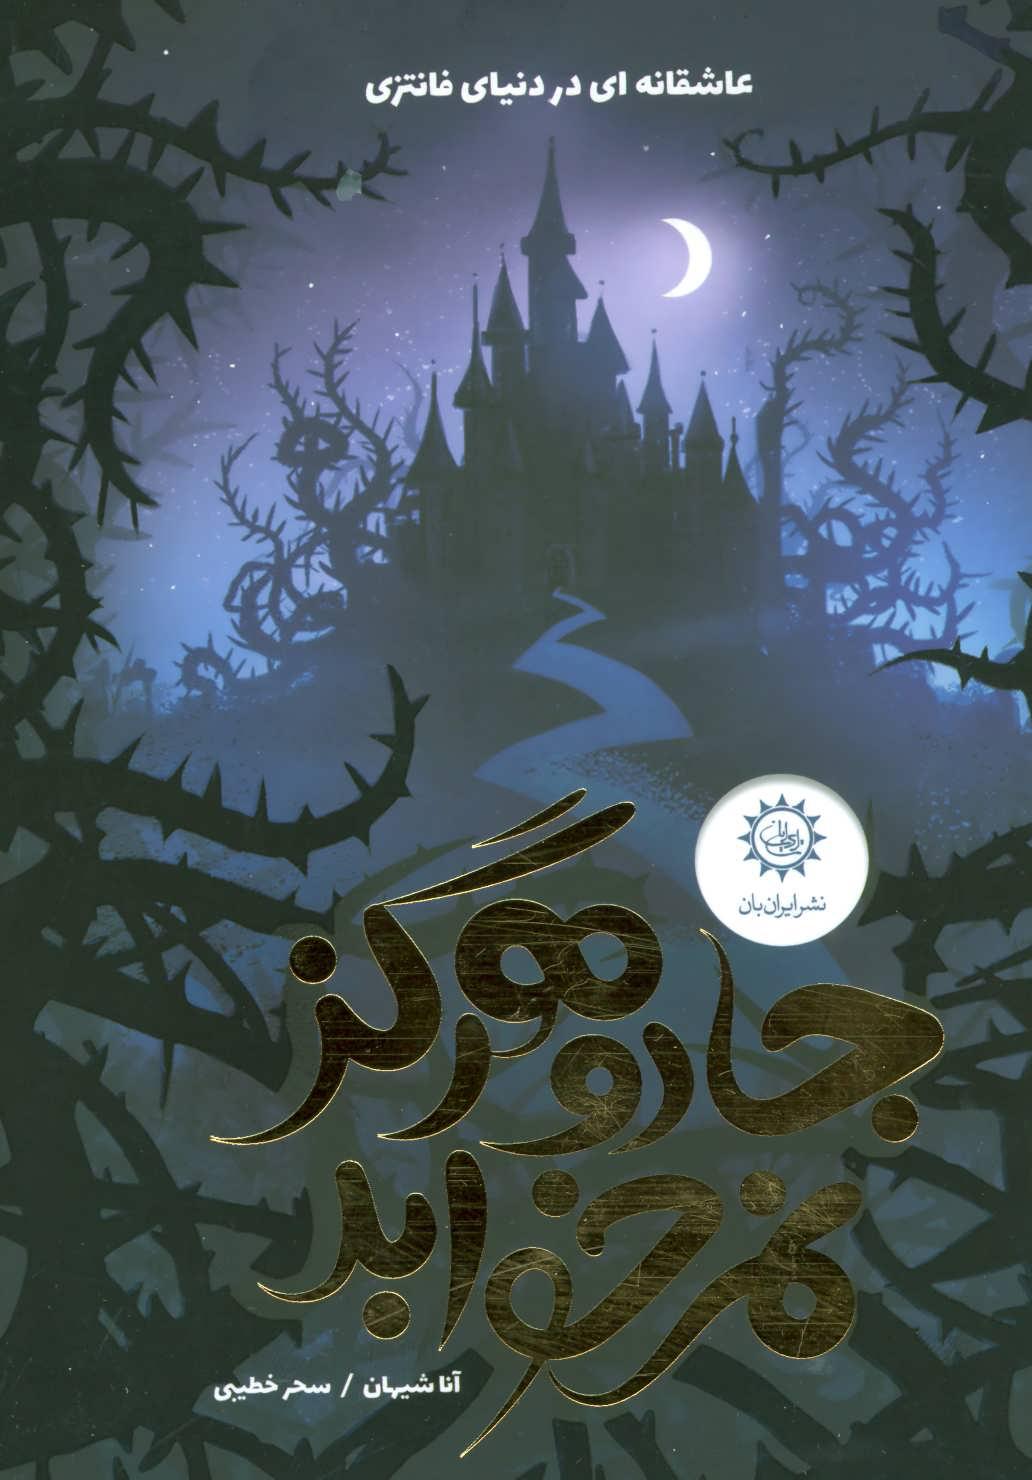 کتاب جادو هرگز نمی خوابد